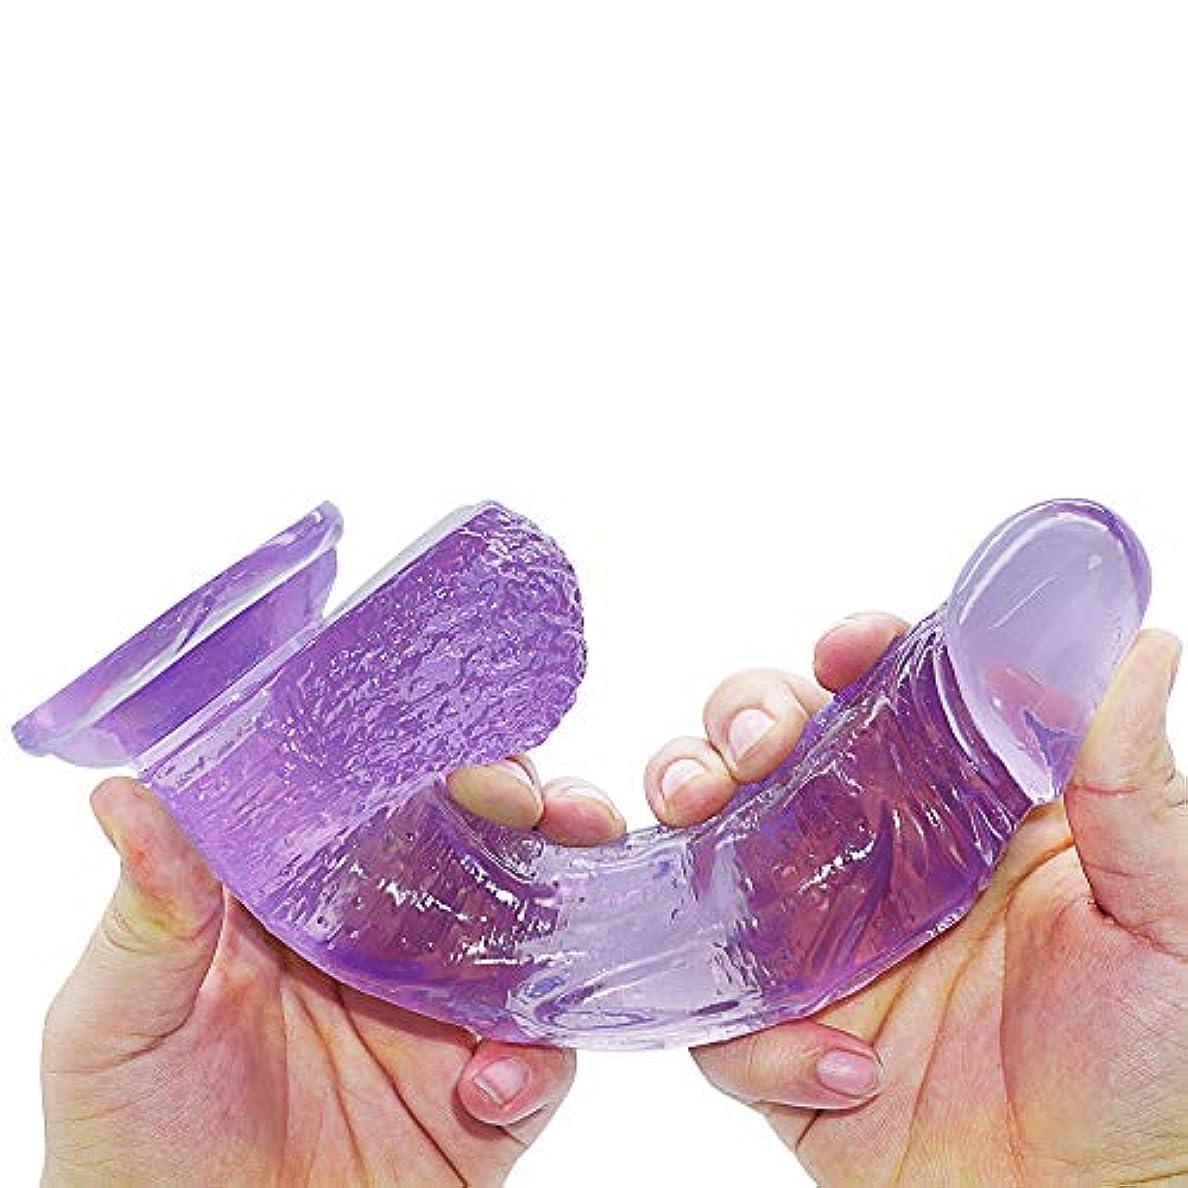 深める生物学製品8.86インチリアルな個人リラックス-強い吸引カップ防水おもちゃChenggong-青-mangdunxiaozhen2.0